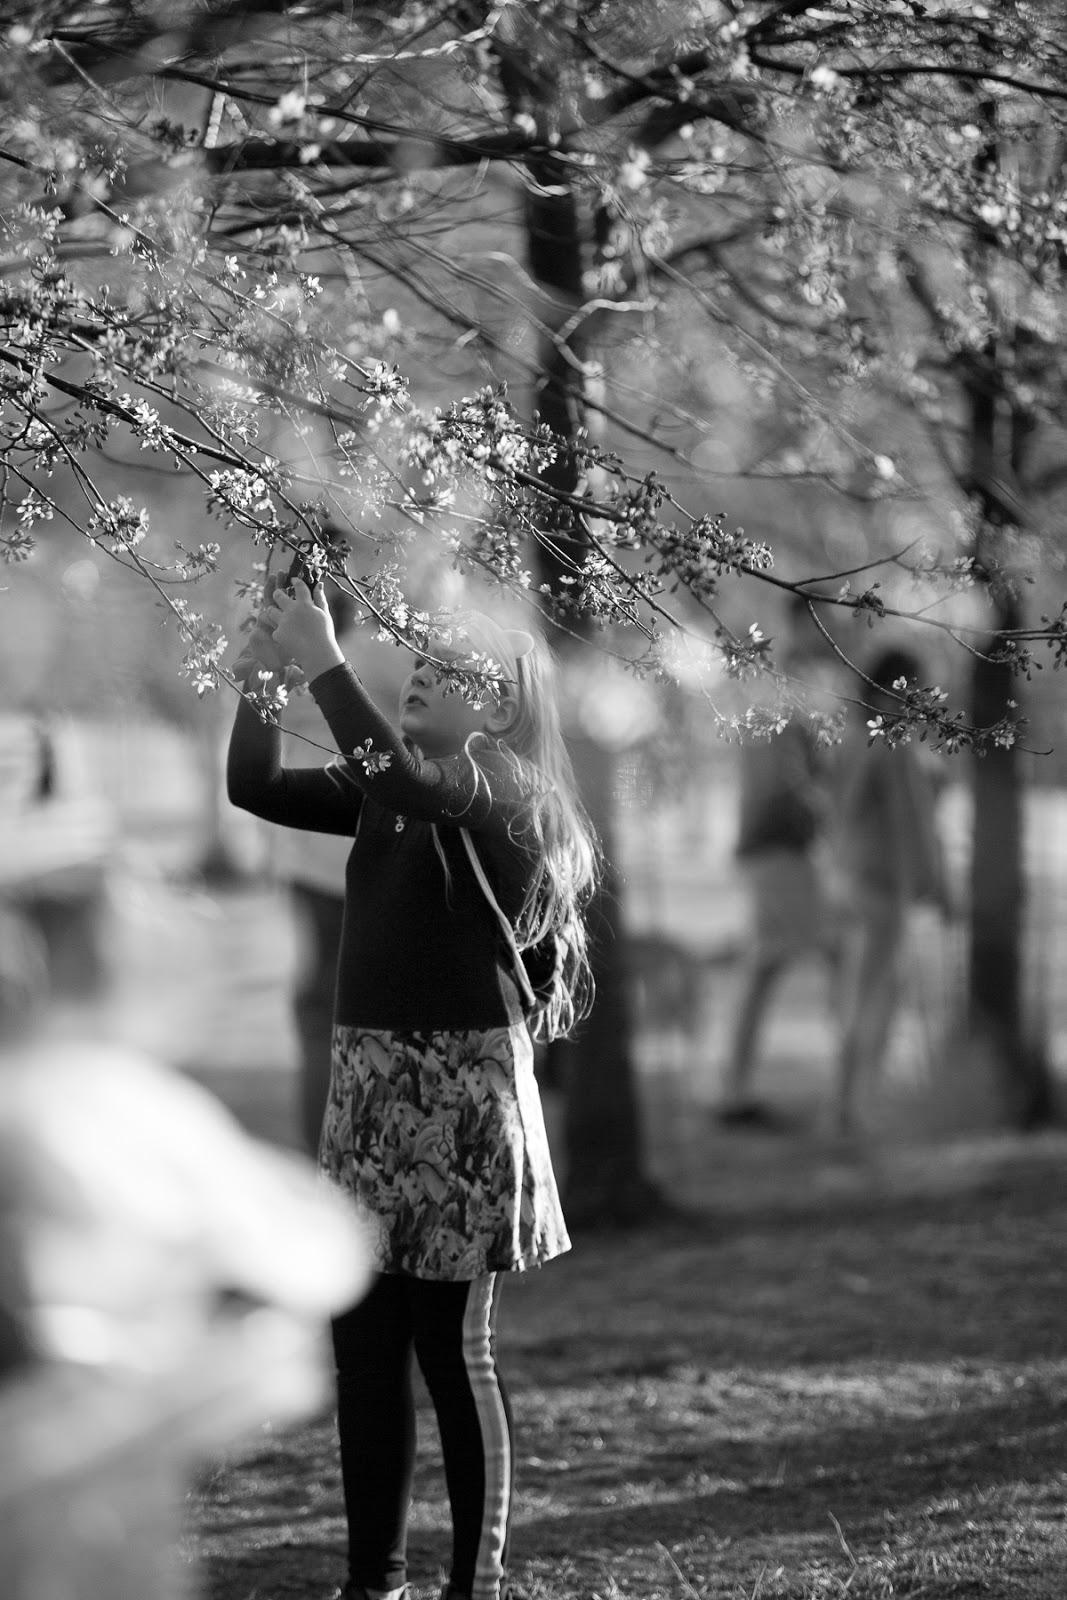 Helsinki, visithelsinki, finland, suomi, visitfinland, hanami, Roihuvuoren kirsikkapuisto, roihuvuori, kirsikkapuu, puito, nature, cherryblossom, kirskikankukka, kukkiva puu, kukat, valokuvaus, valokuvaaja, Frida Steiner, visualaddictfrida, visualaddict, blog, valokuvaaminen, kevät, luonto, nature, naturephotography, luontokuvaus, streetphotography, katukuvaus, blackandwhitephoto, bnw